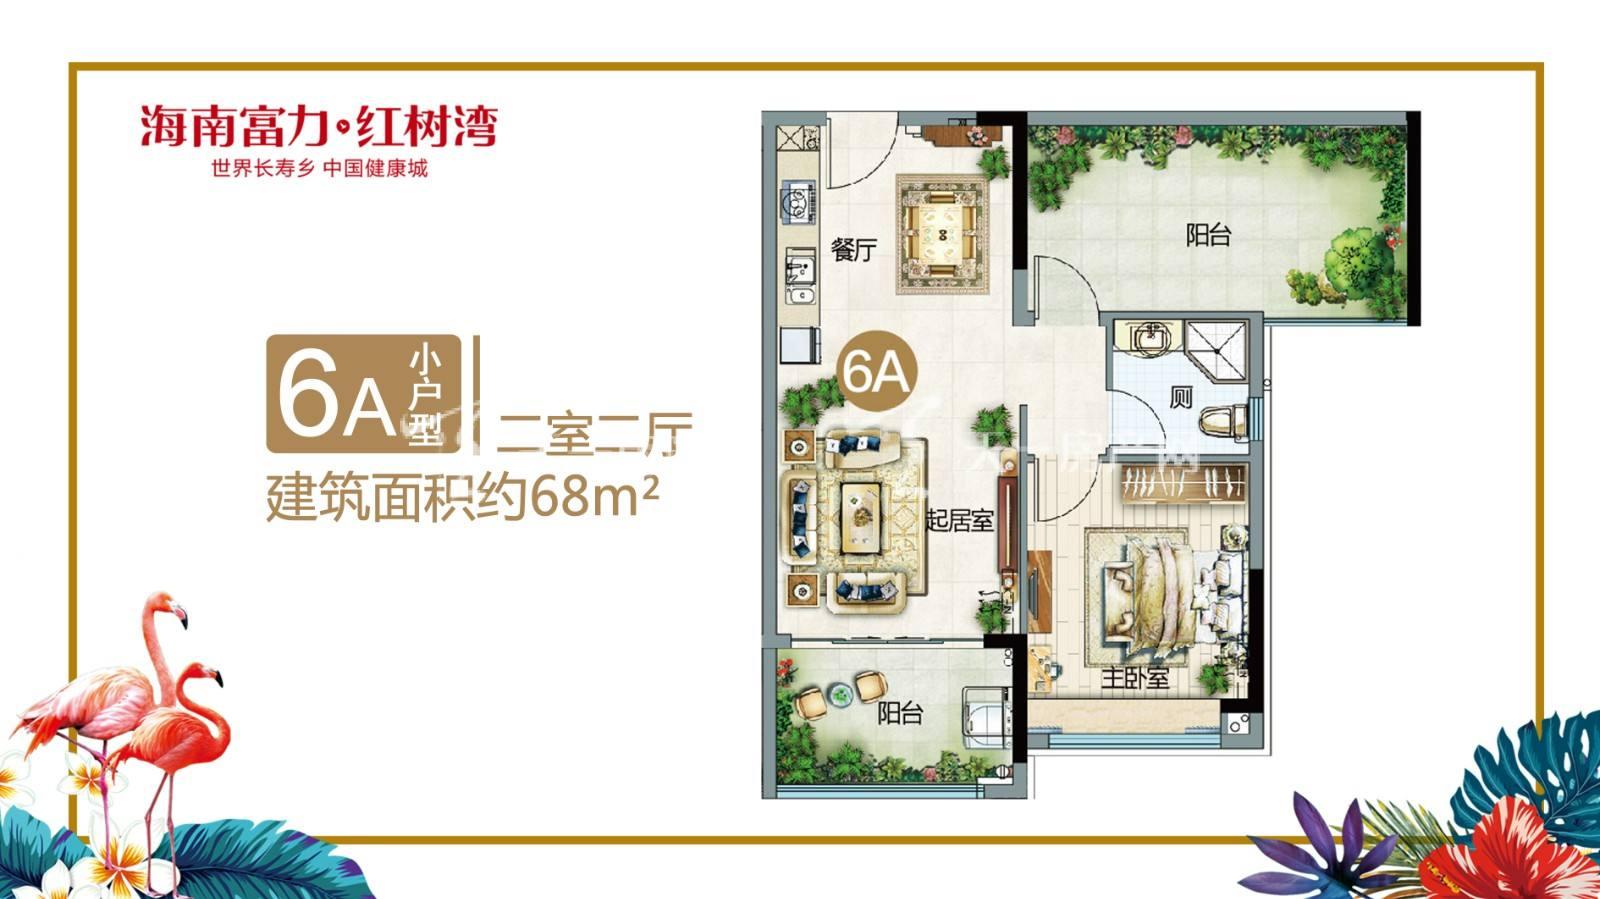 富力红树湾06A小户型两室两厅68㎡